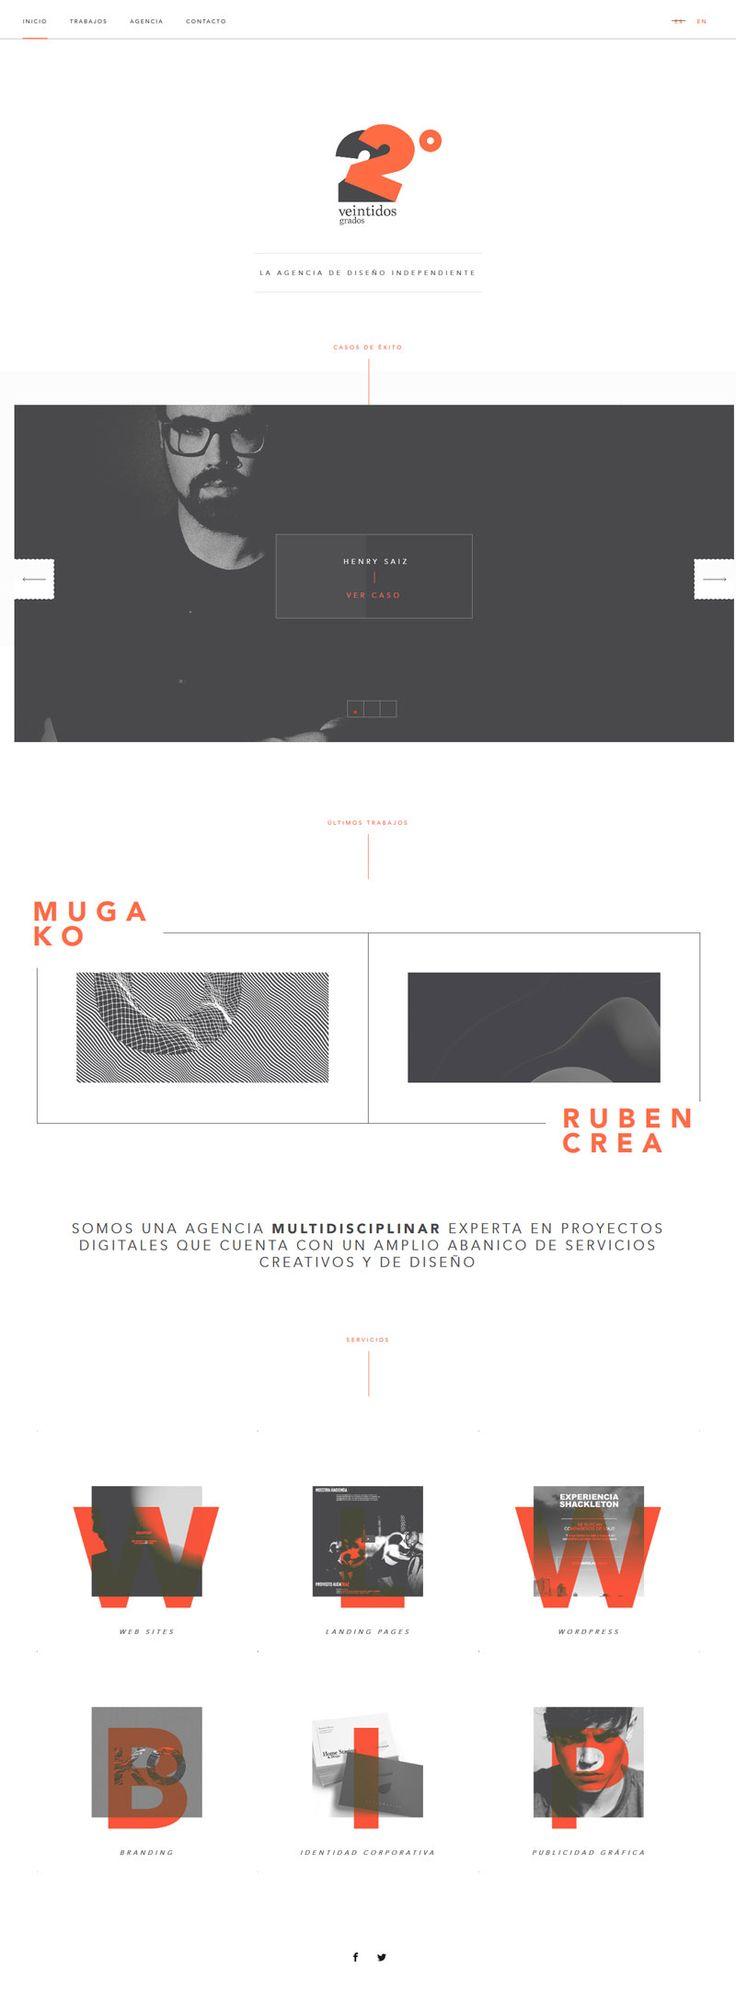 Veintidos Grados Conceptual and Clean Design